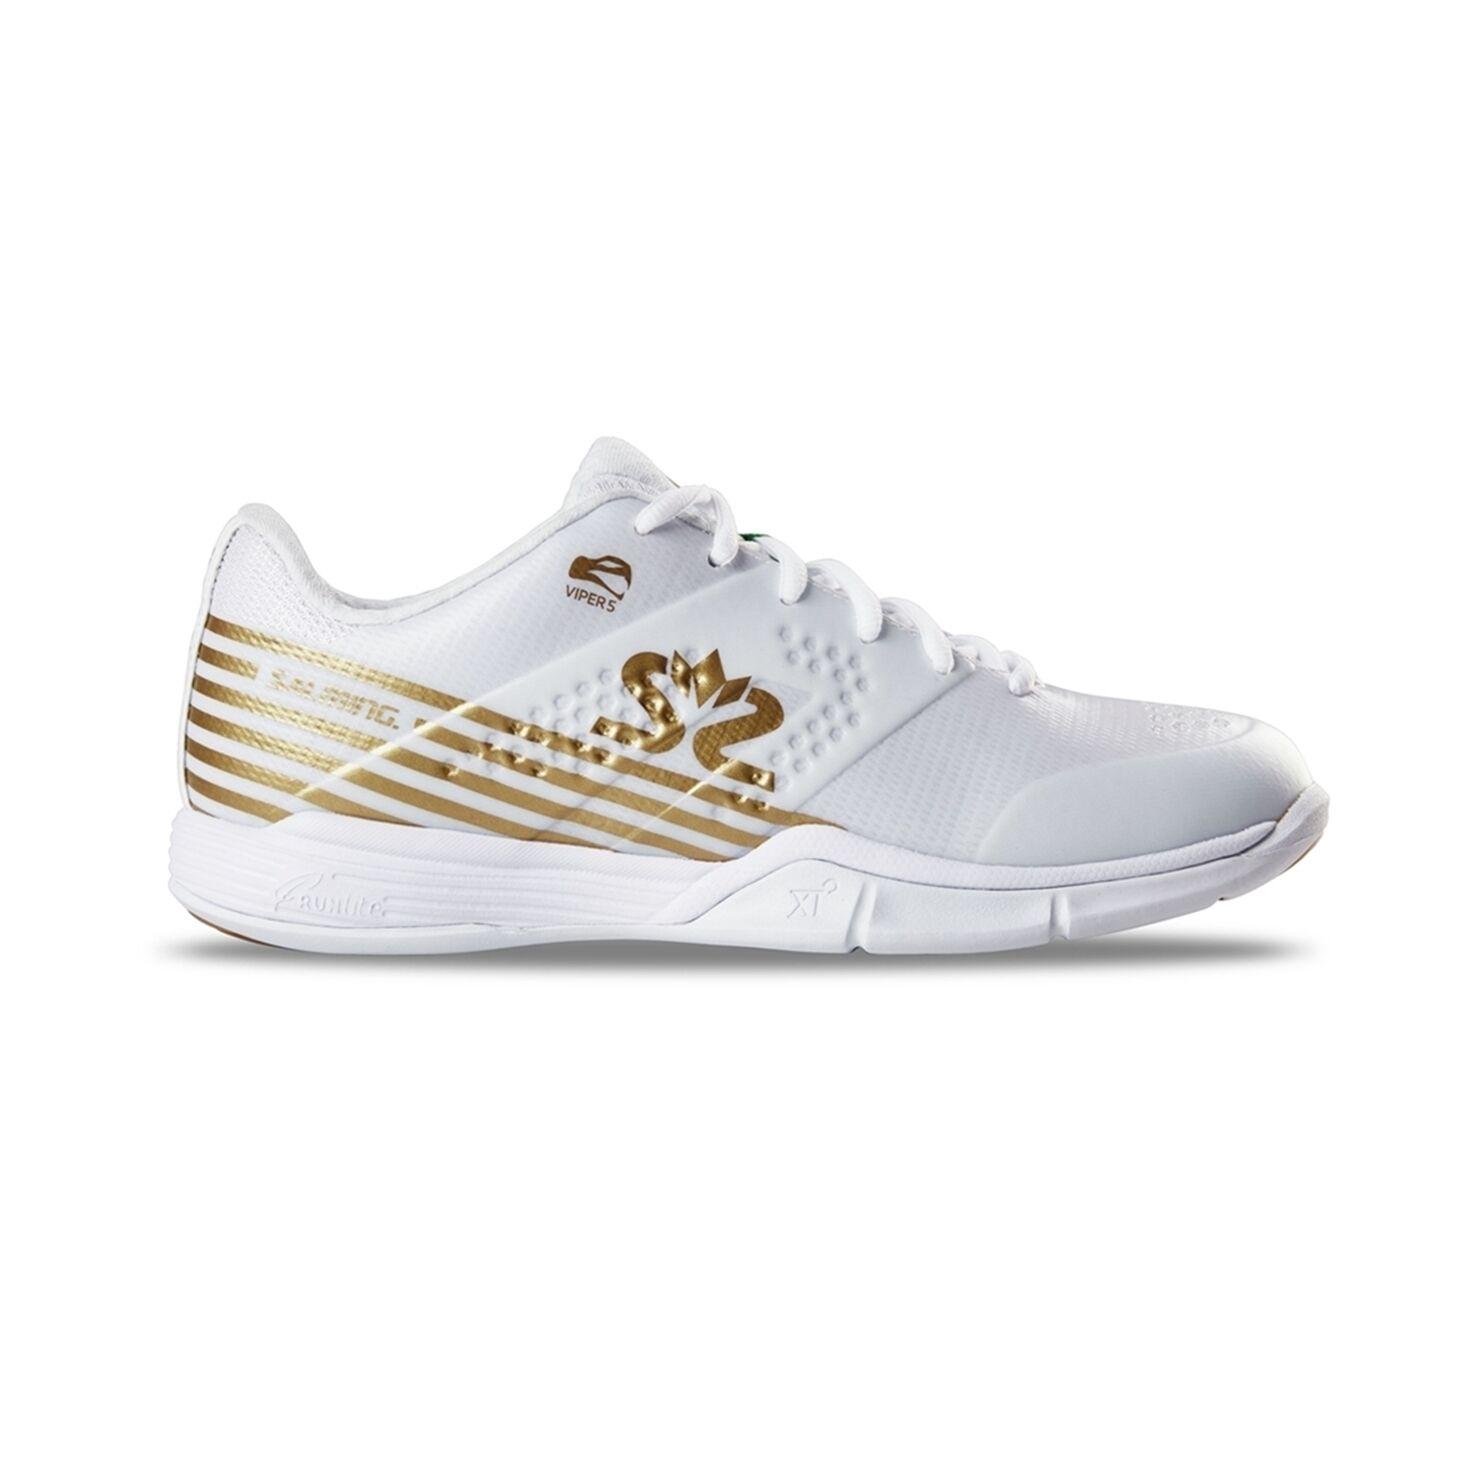 Salming Viper 5 Women White/Gold 37 1/3